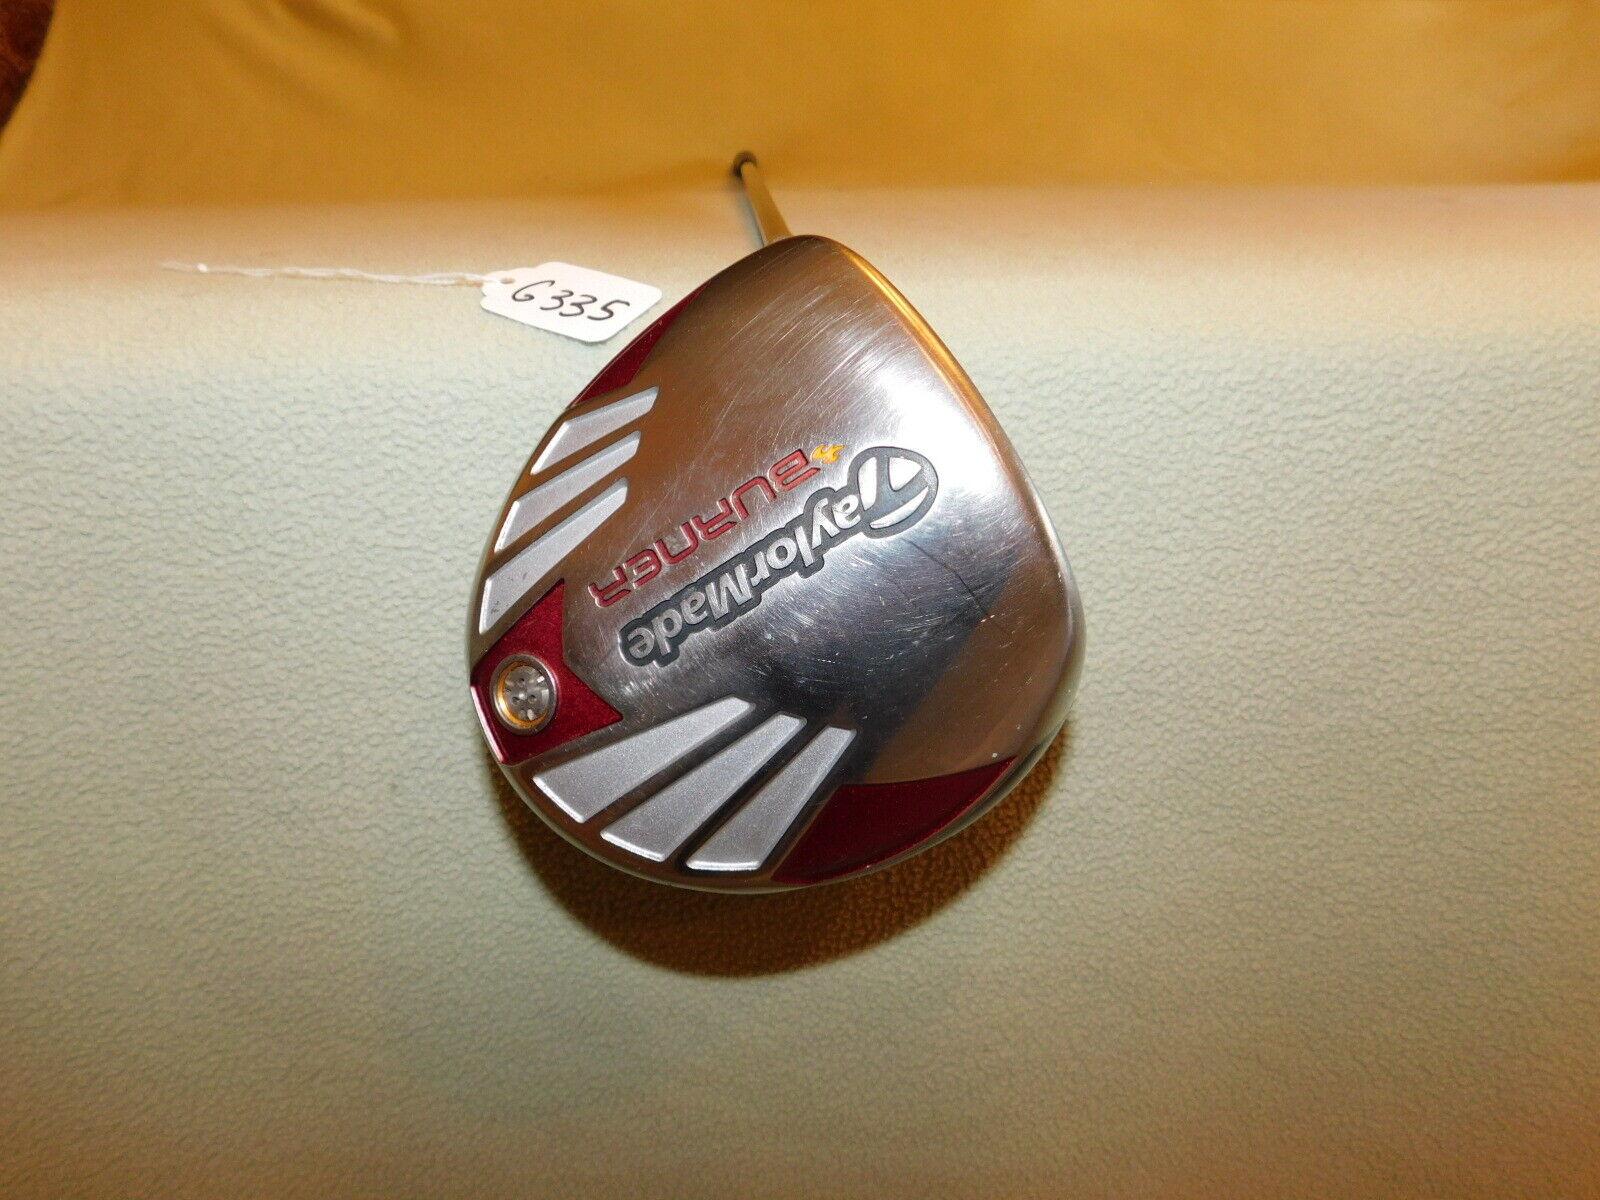 2007 zurdo TAYLOR  MADE QUEMADOR rígido de la flexión 9.5  Driver G335  nueva gama alta exclusiva